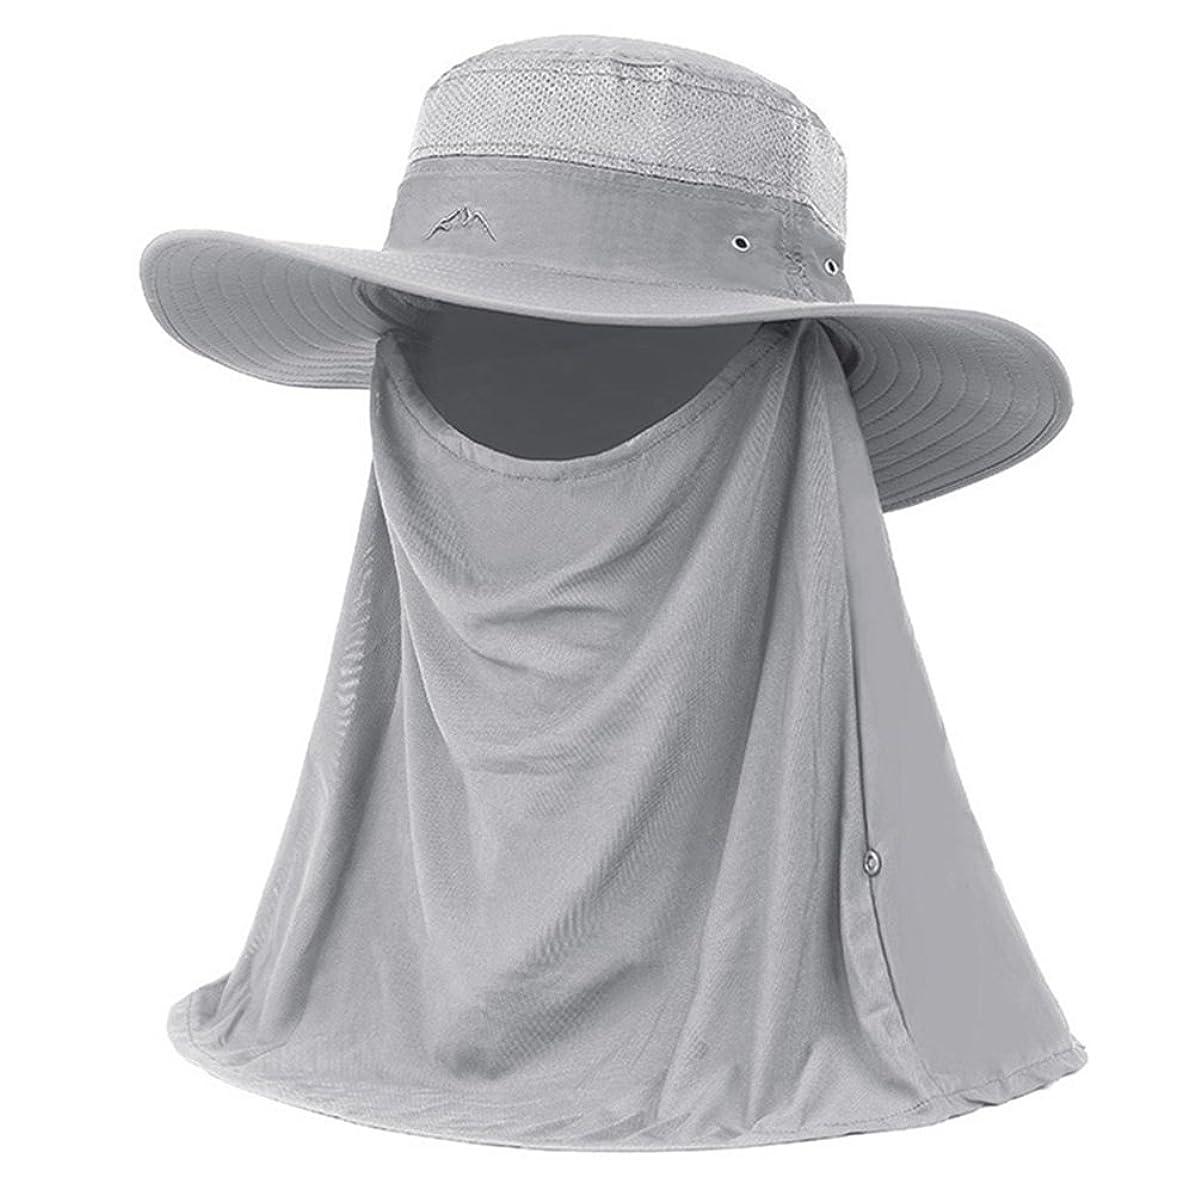 語値する照らす夏メンズ日曜日の帽子の屋外の釣り帽子は折り返しの首カバーが付いている表面紫外線保護帽子を隠します